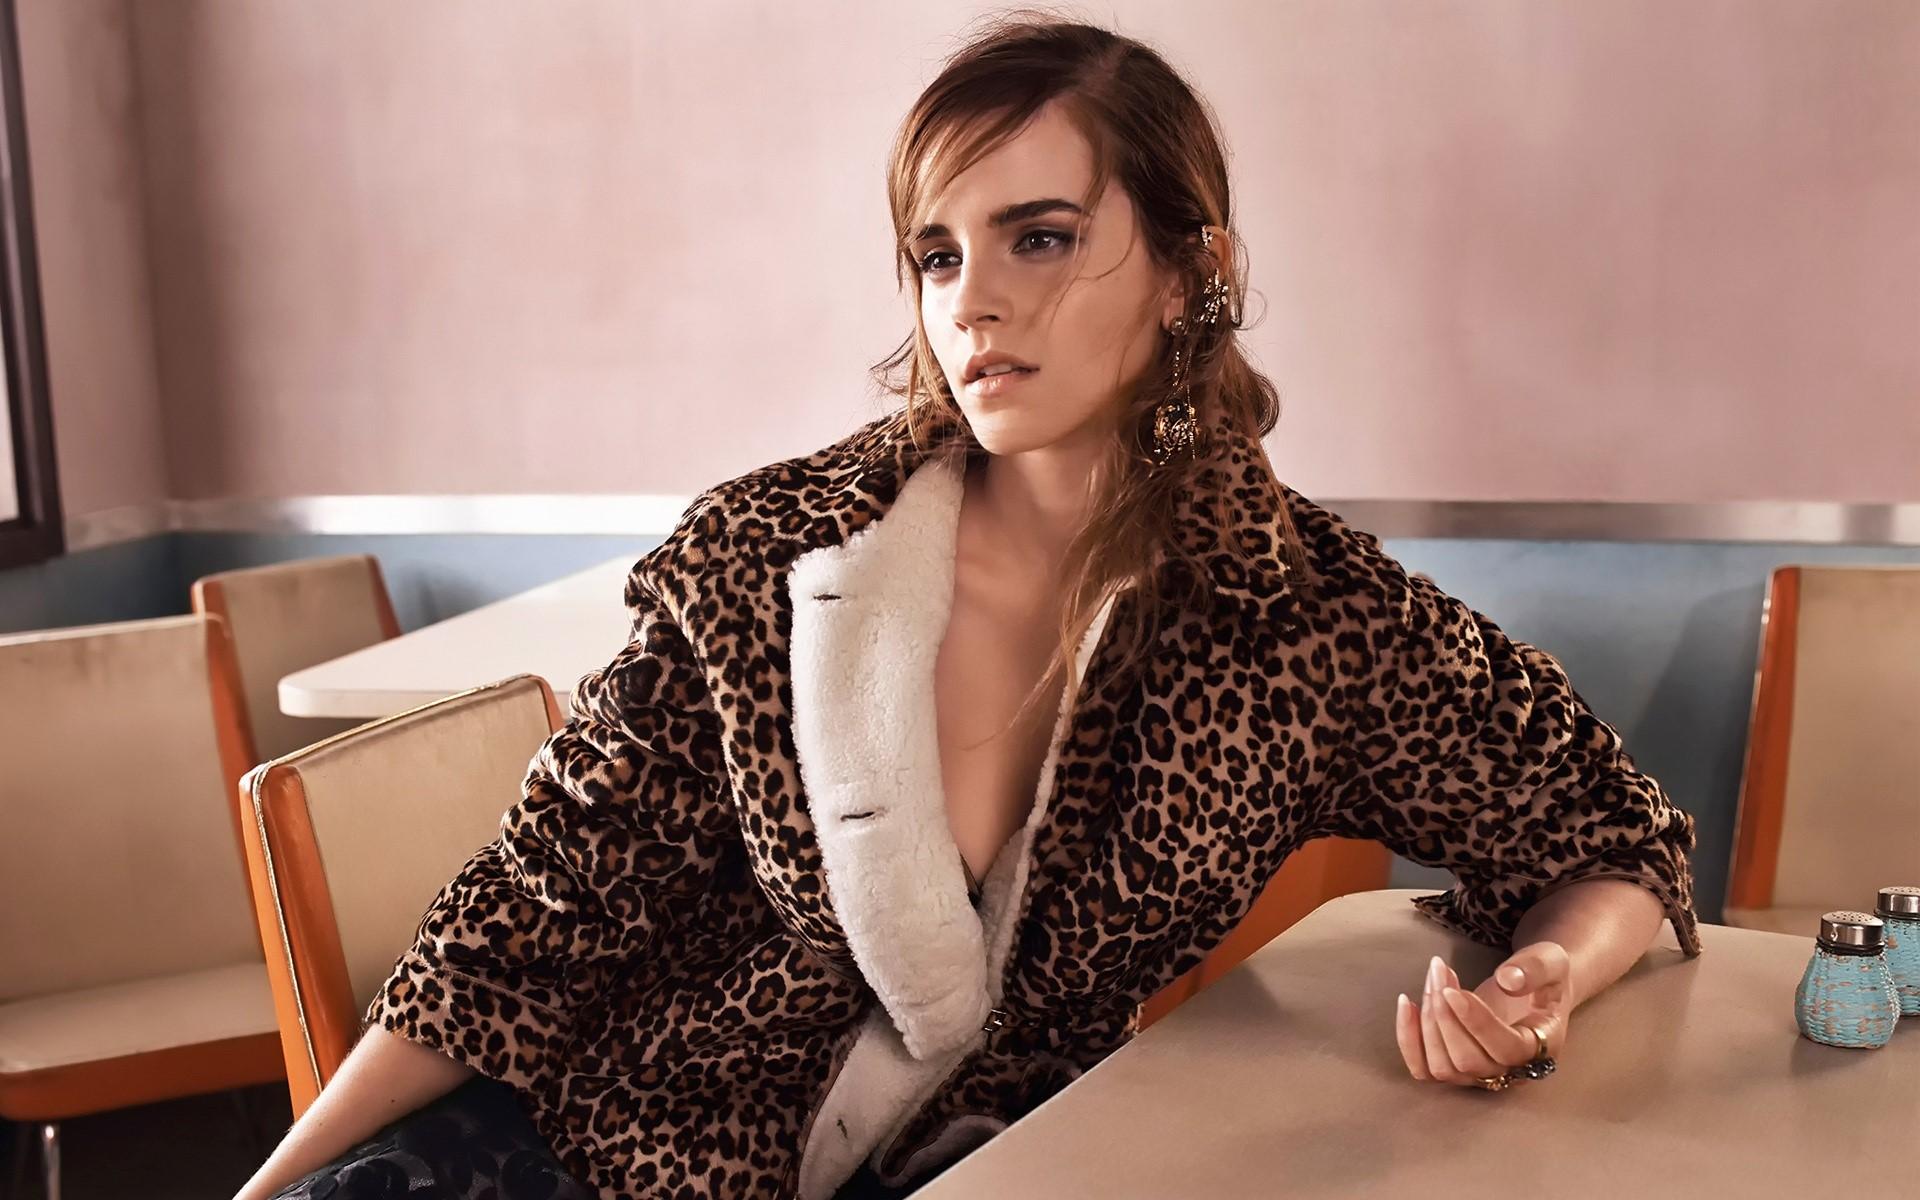 Wallpaper Emma Watson in a room